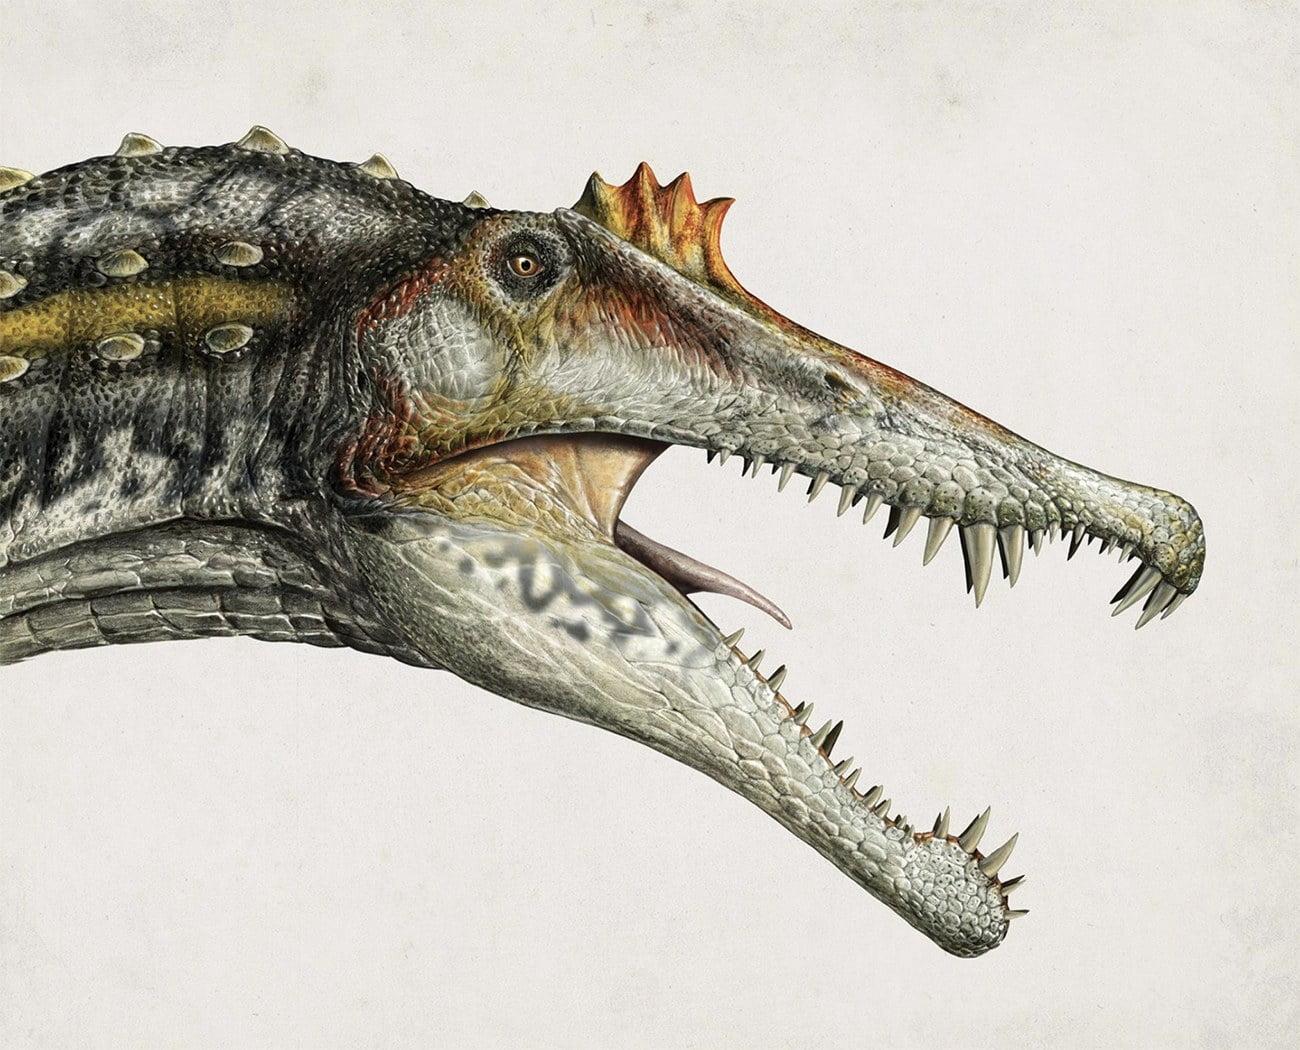 desenha da cabeça de um Espinossauro, um dinossauro